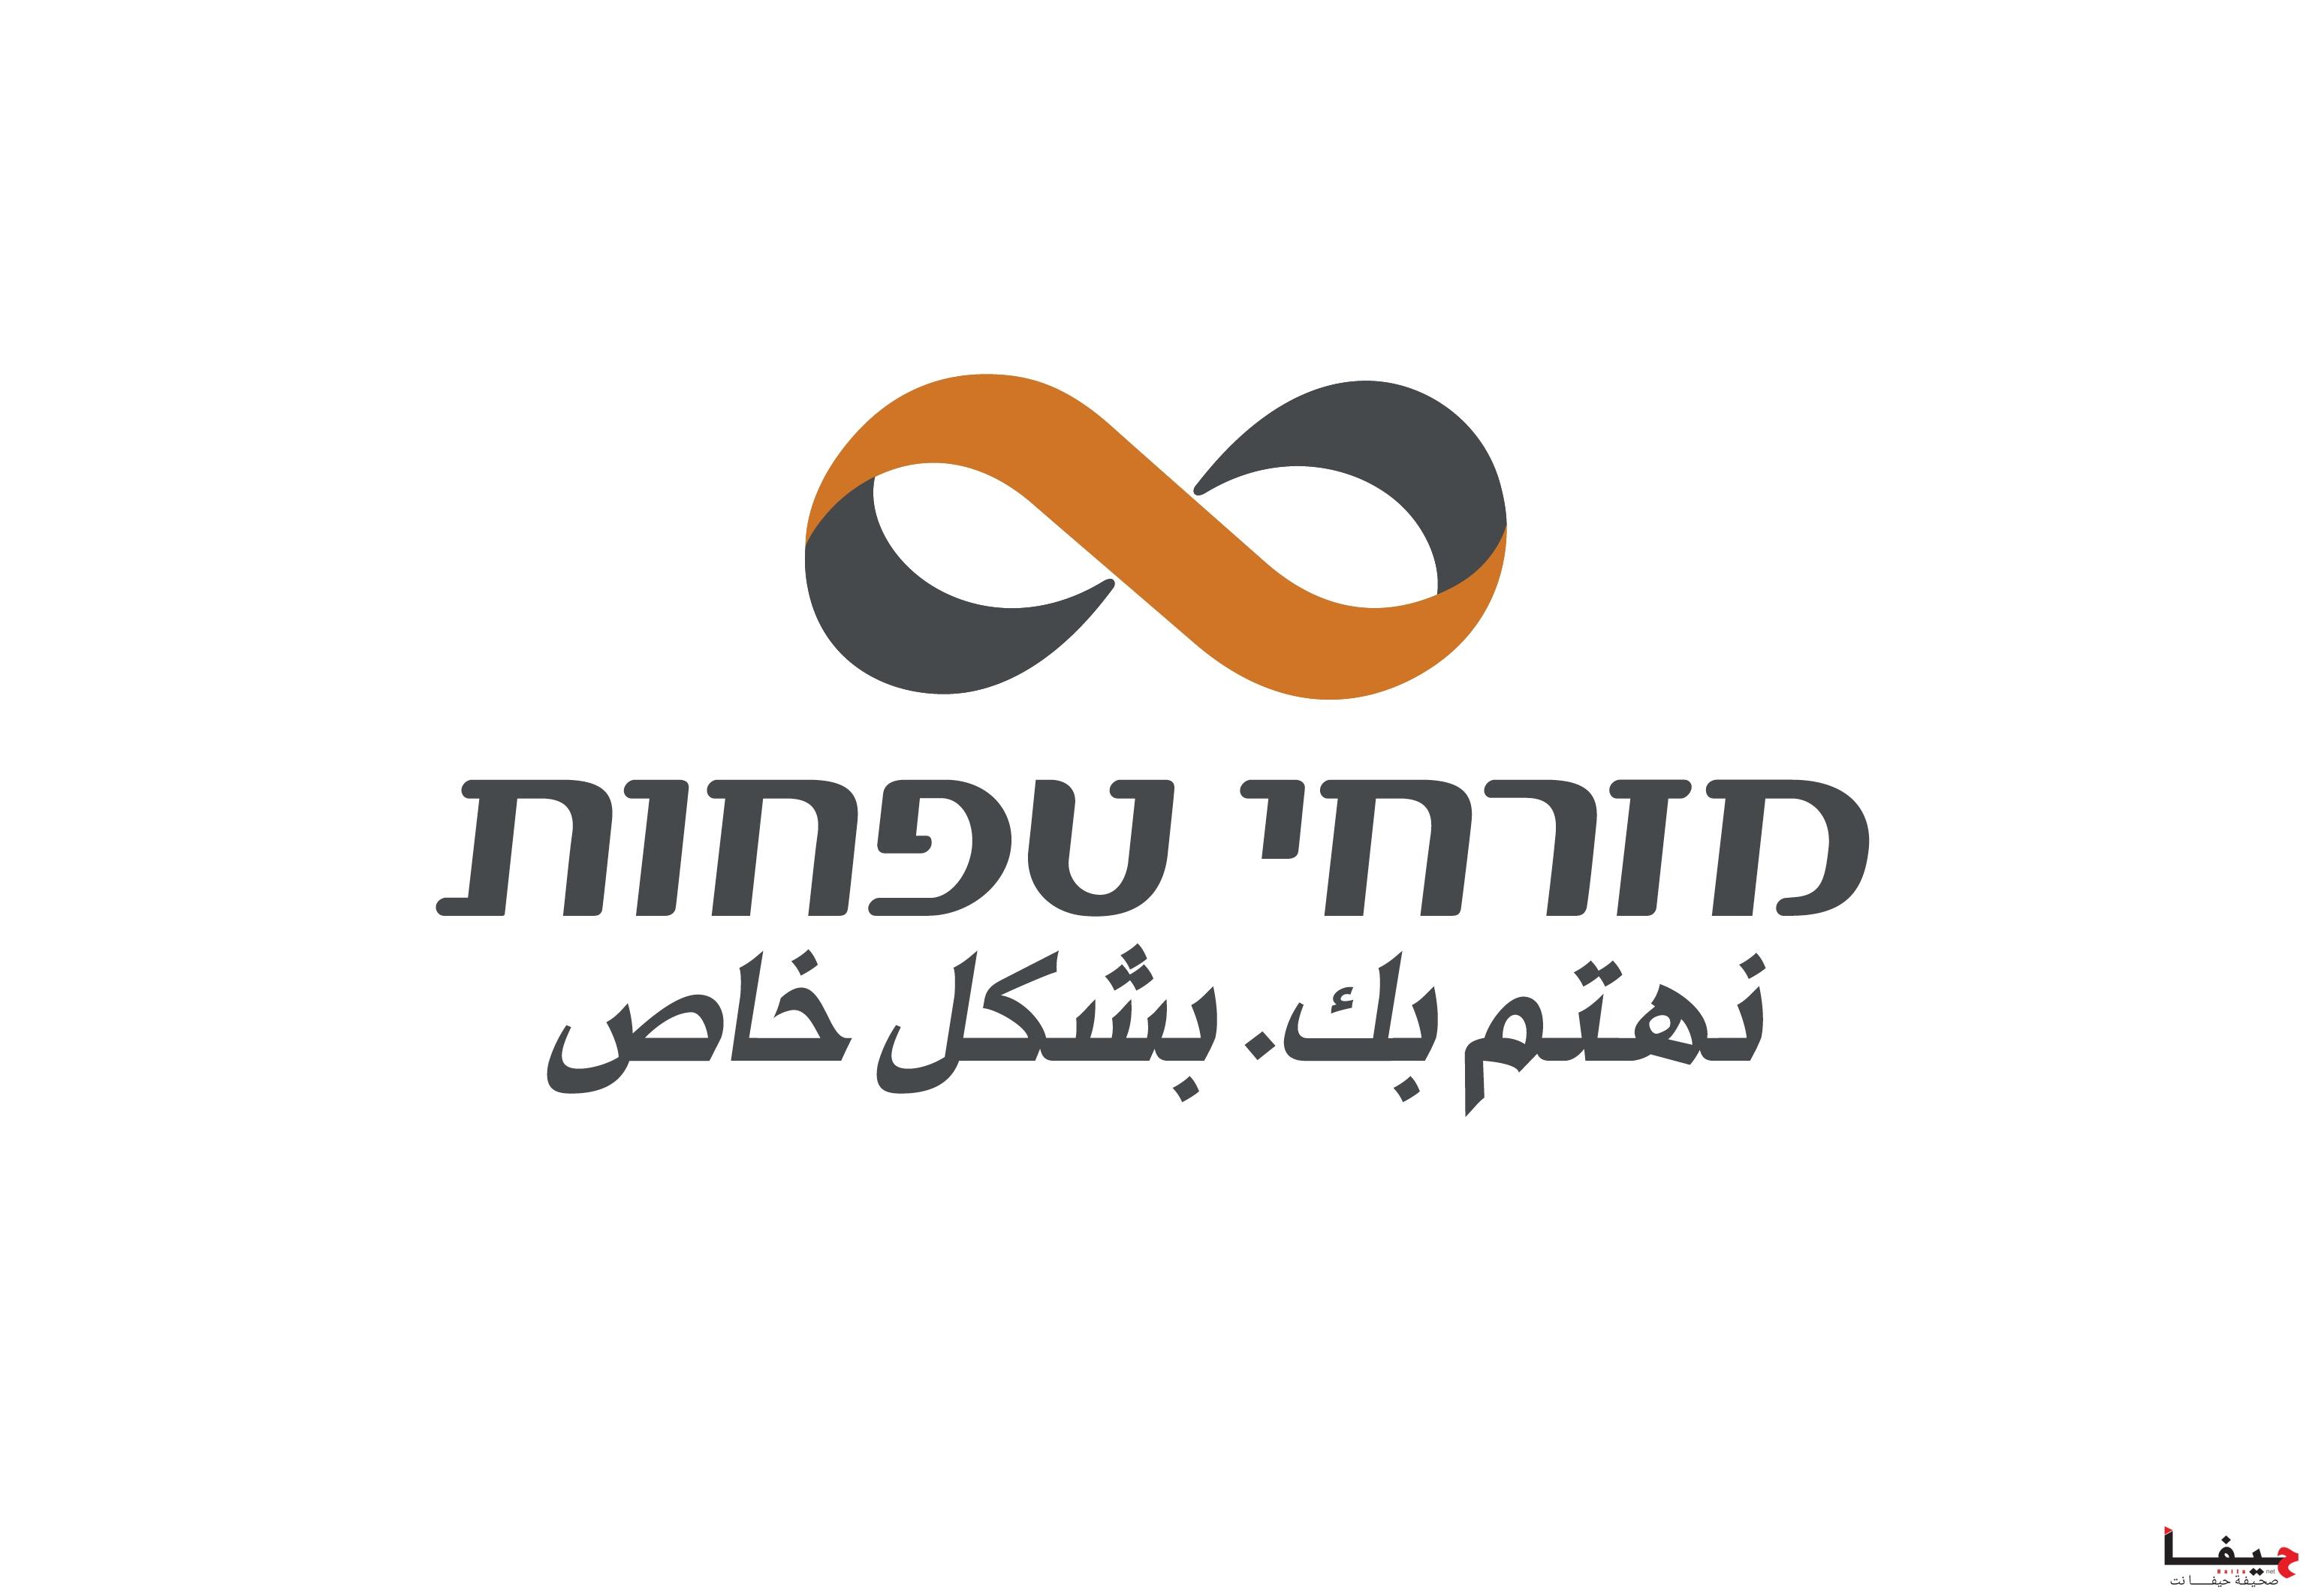 MZR_logo (2)